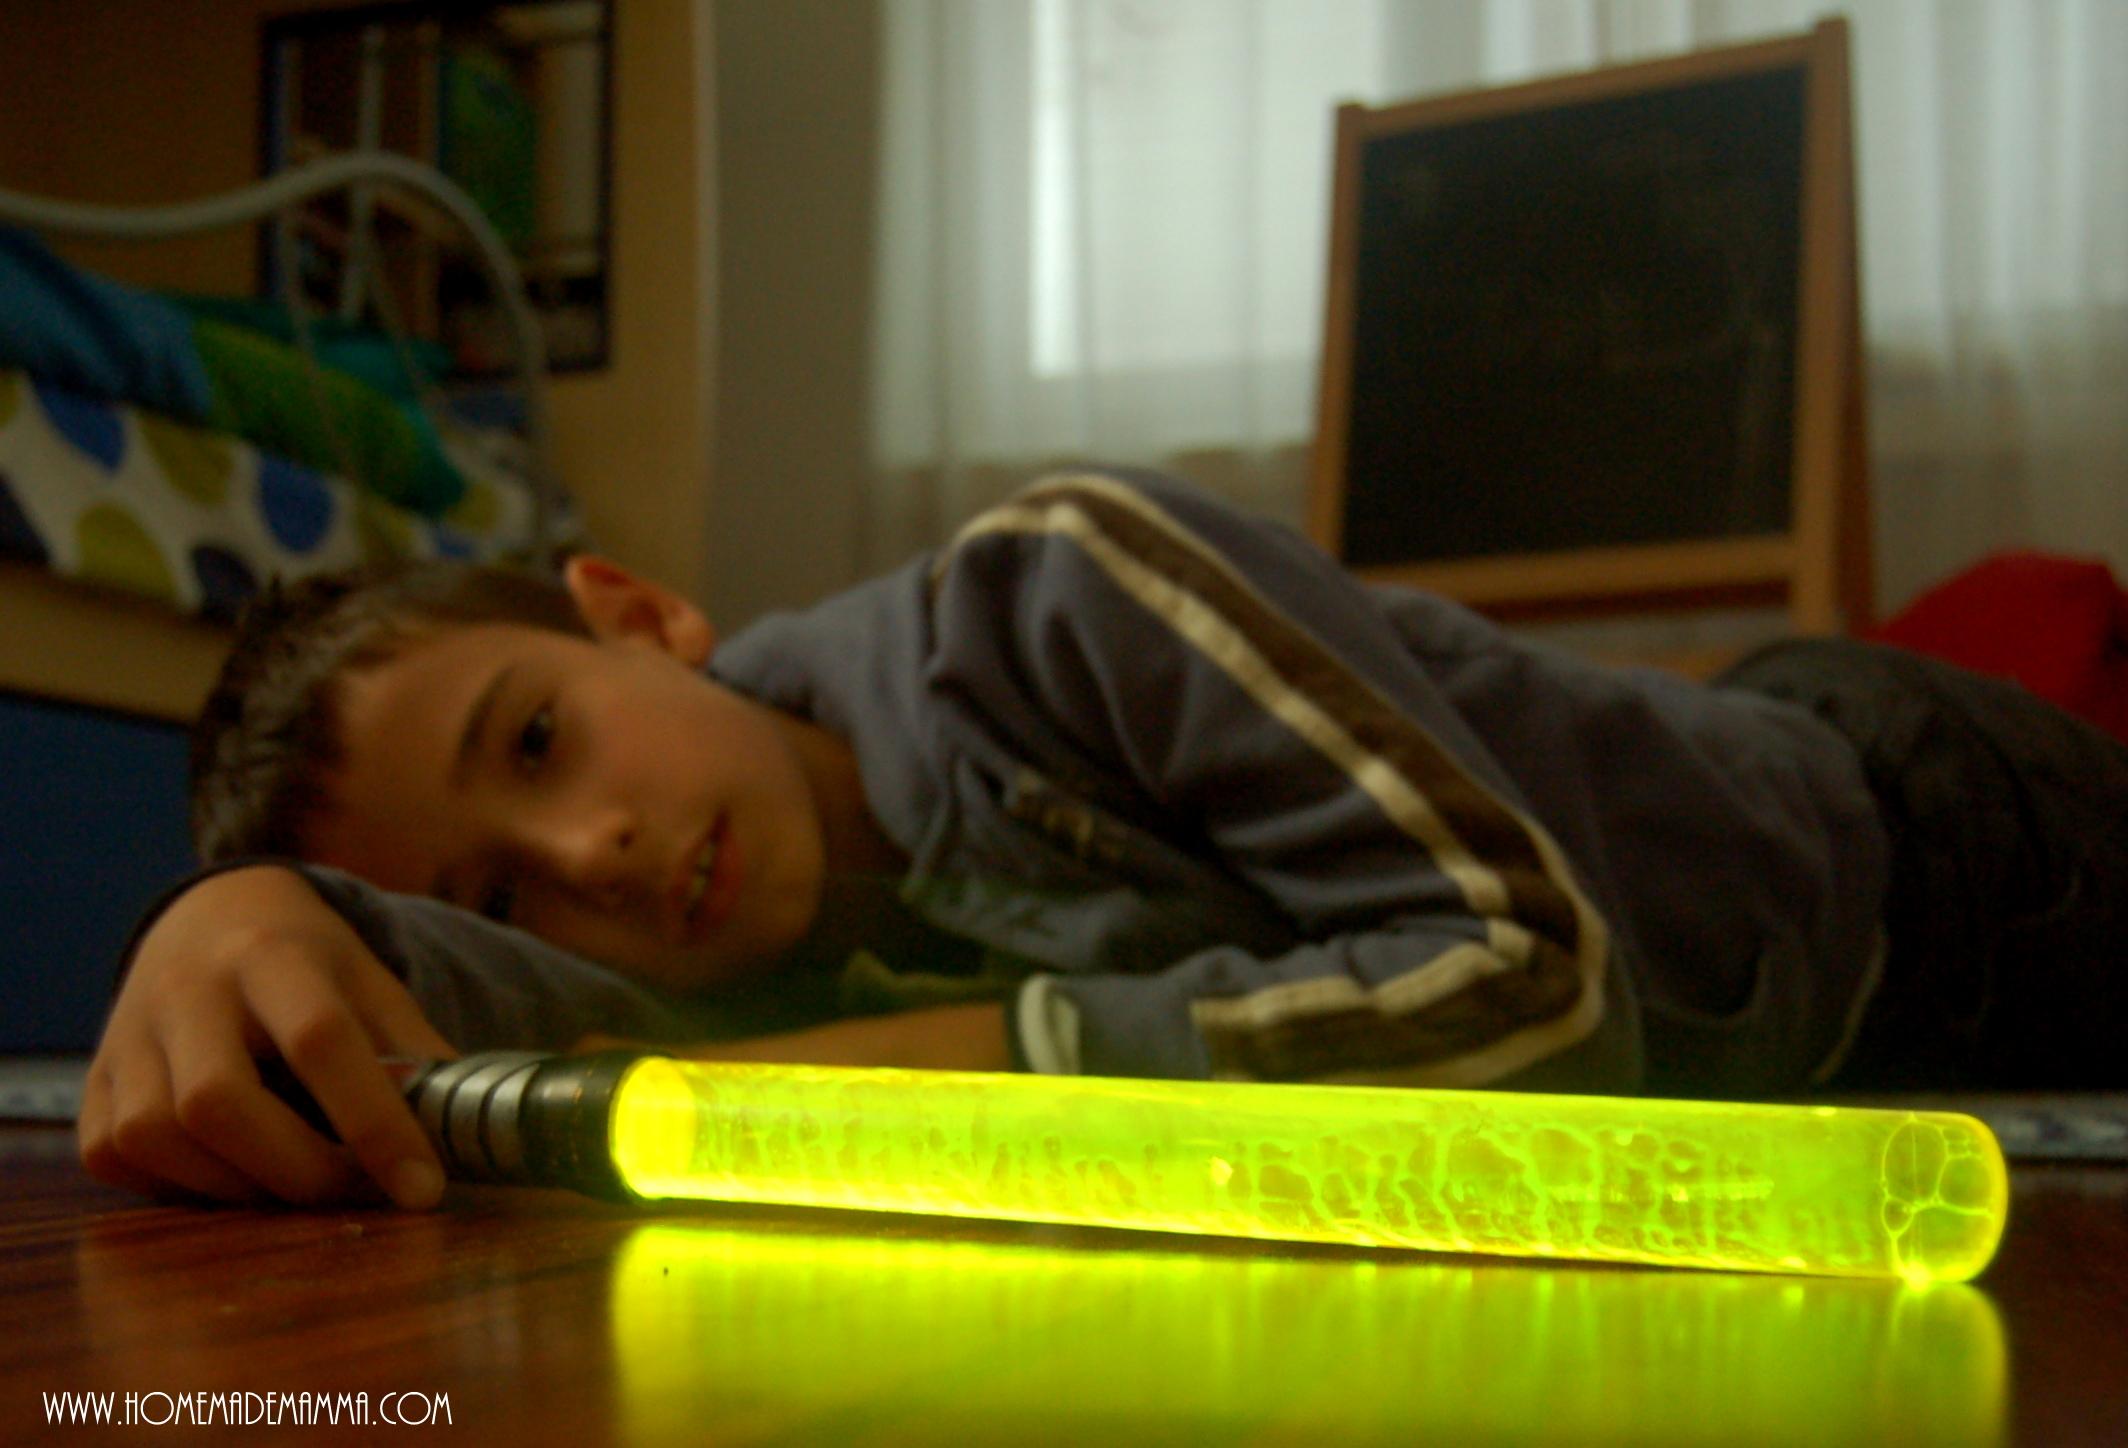 spada laser che si illumina fai da te